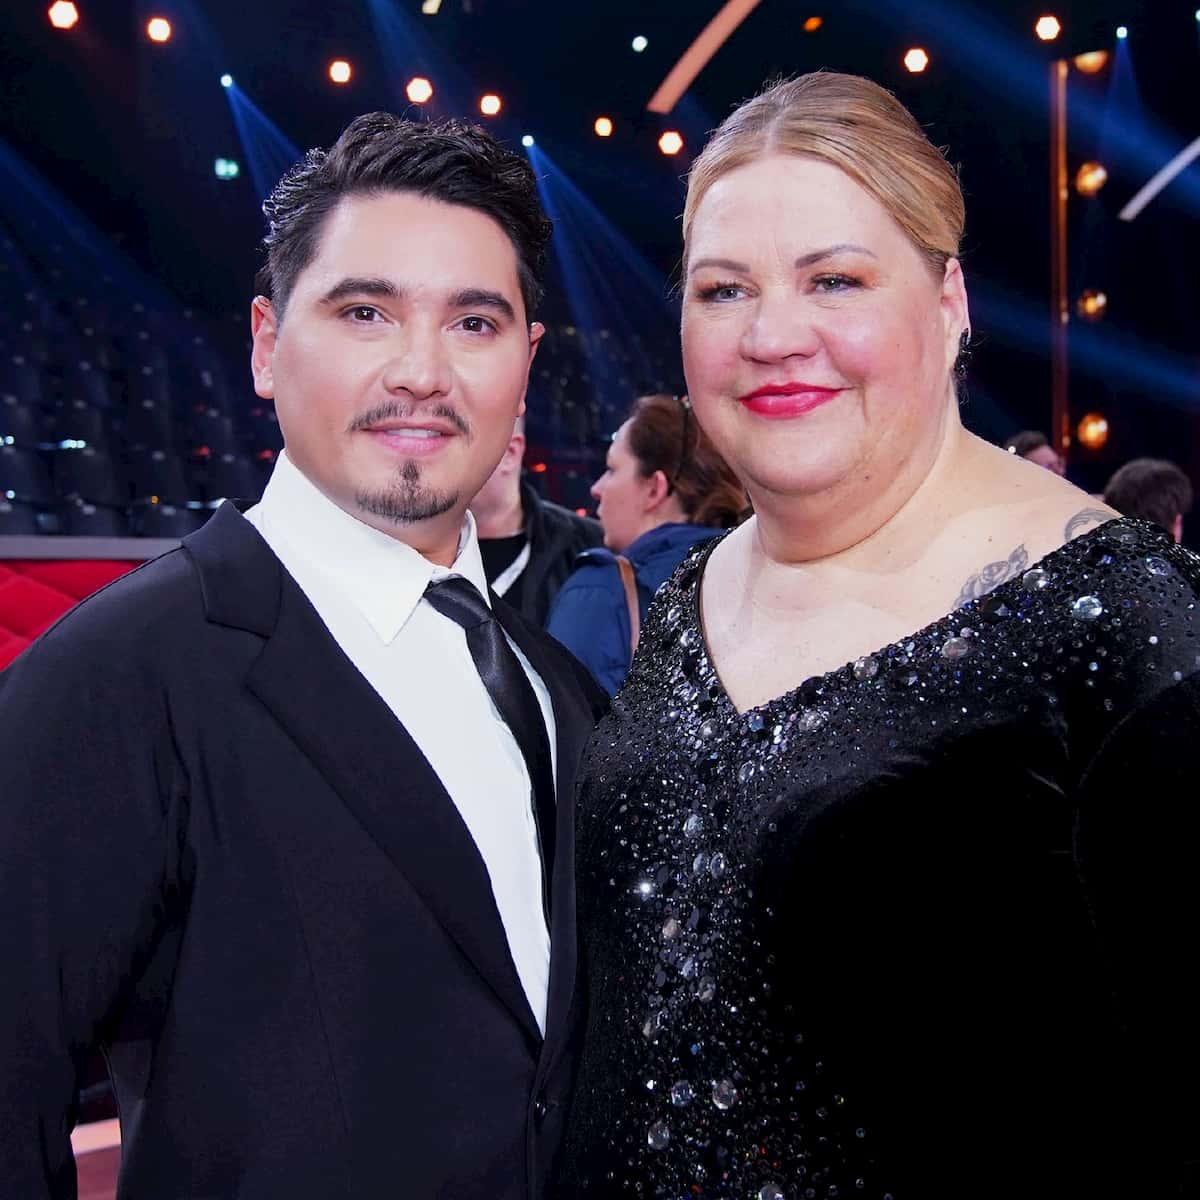 Ilka Bessin und Erich Klann als Tanzpaar bei Let's dance 2020